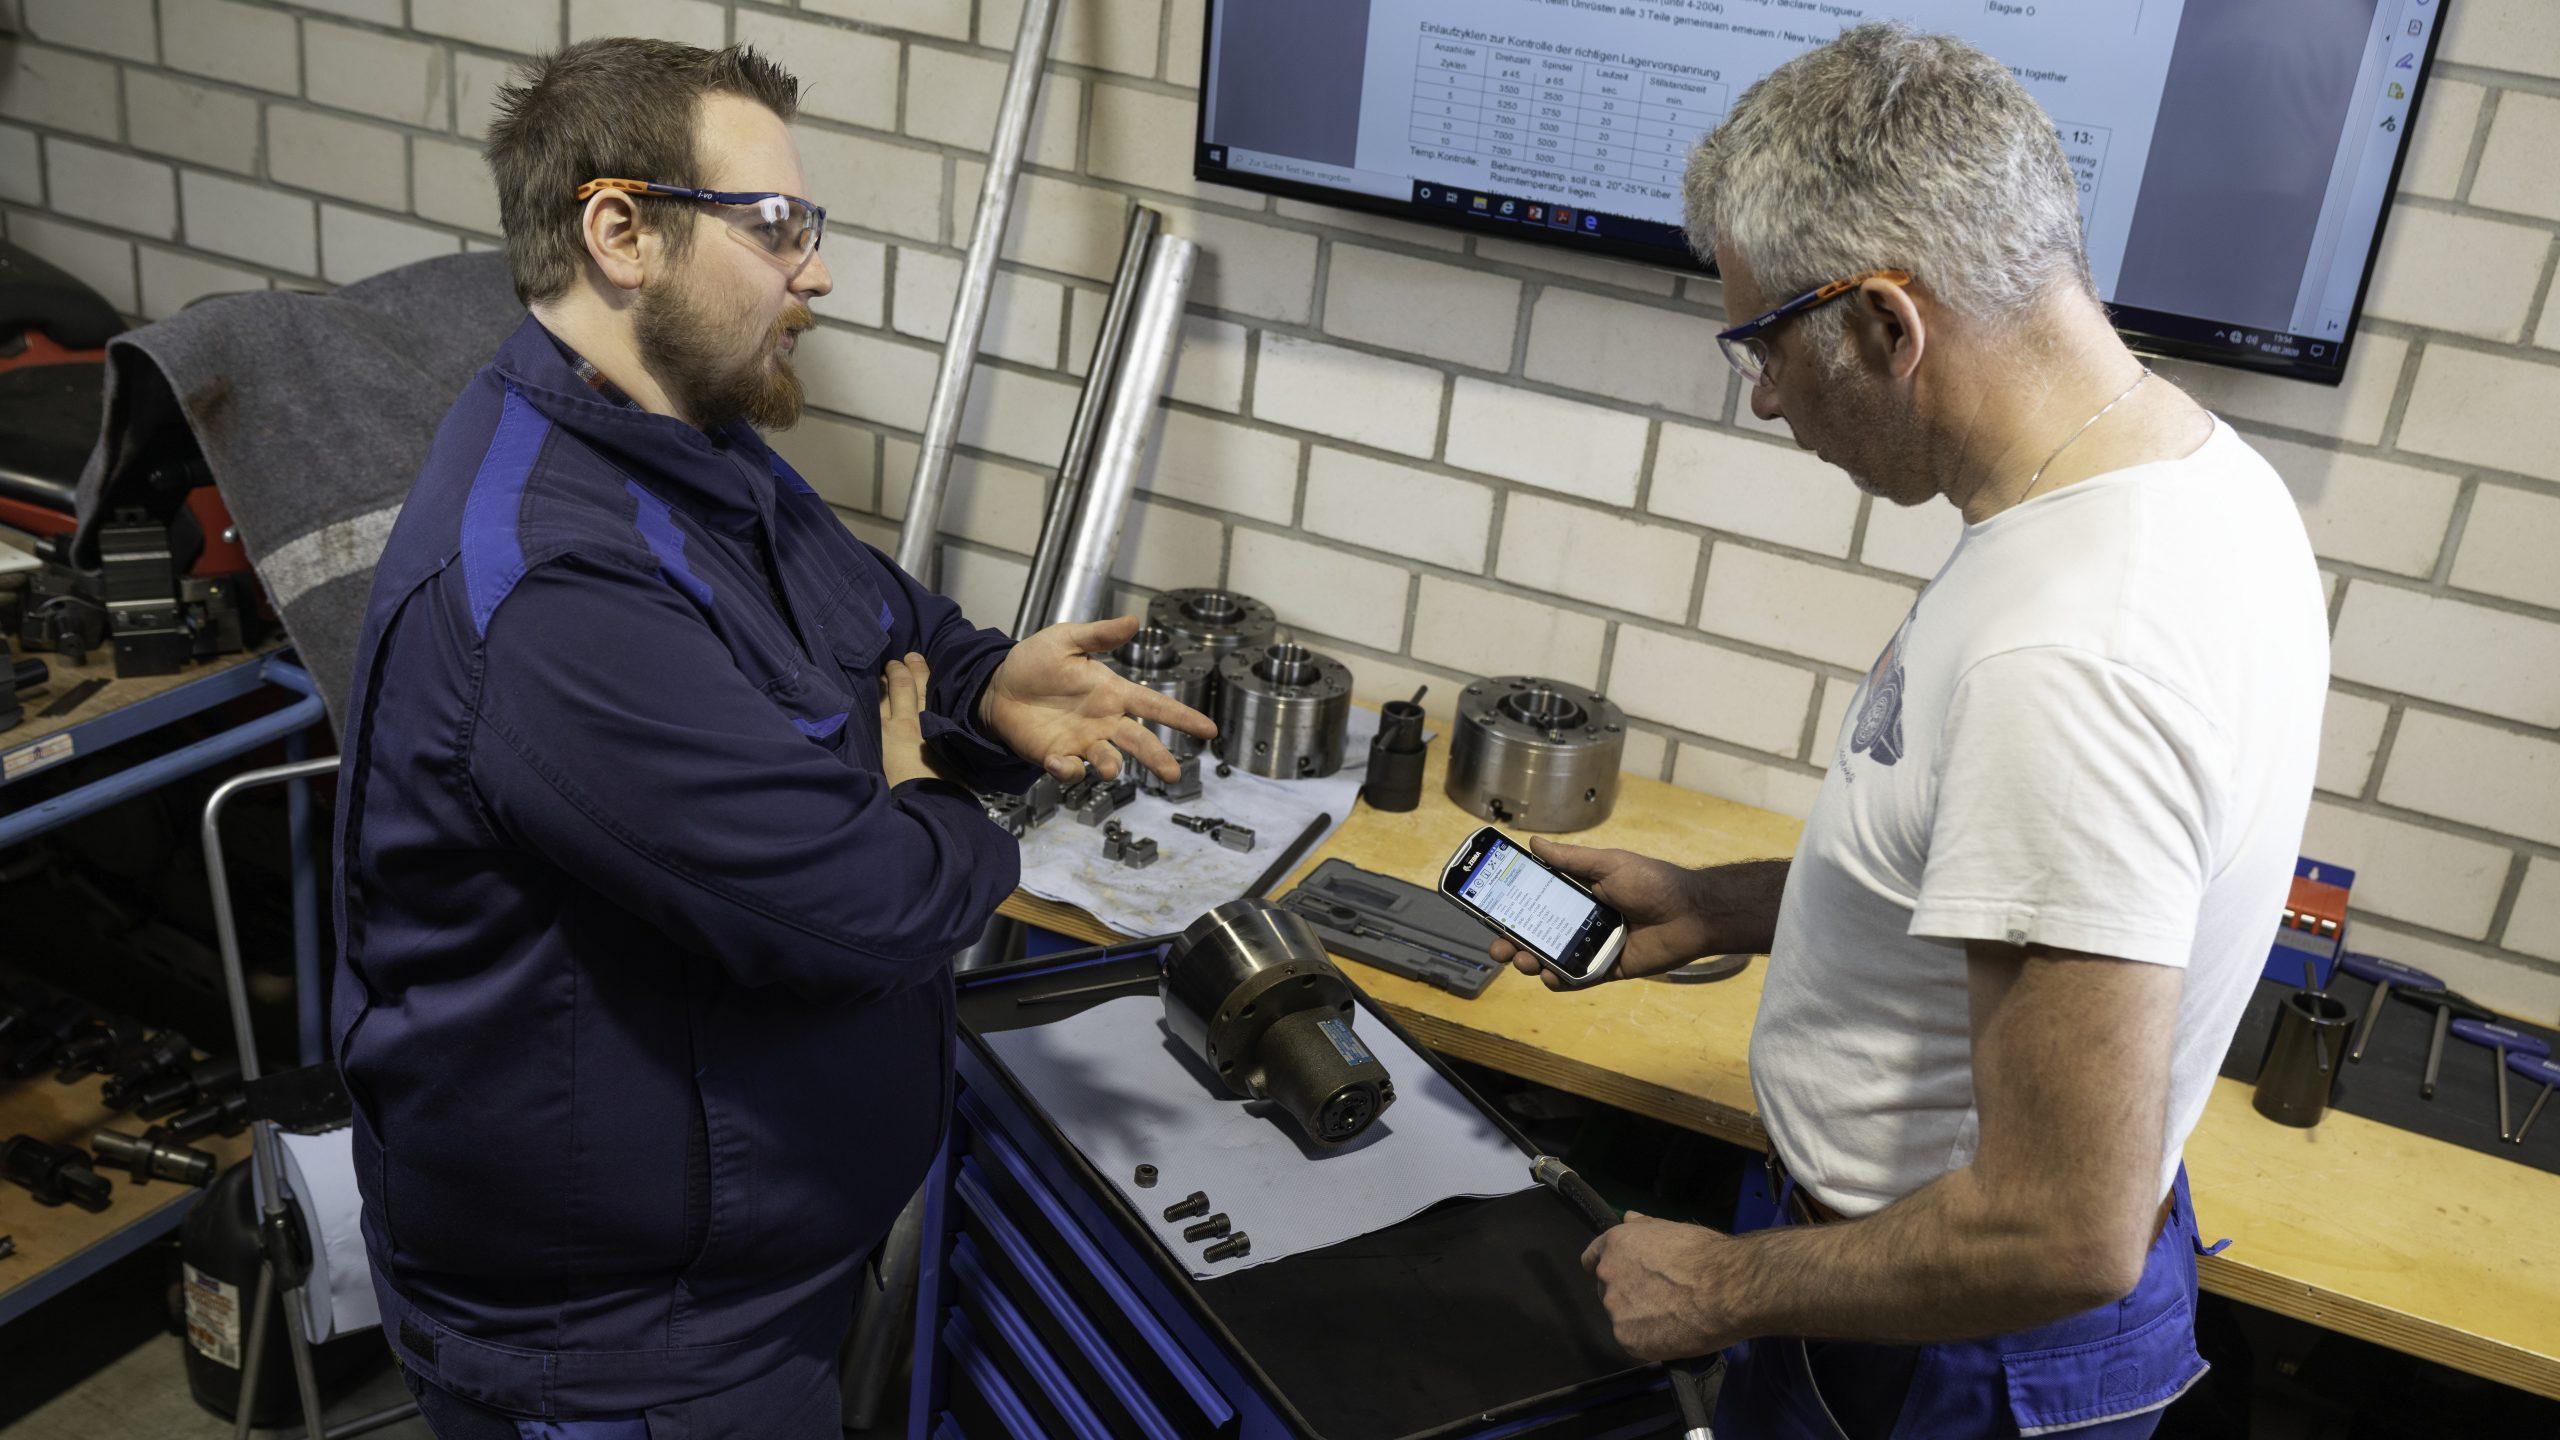 Qualitätskontrolle 'in process' am Montageplatz (Bild: IGH Infotec AG)